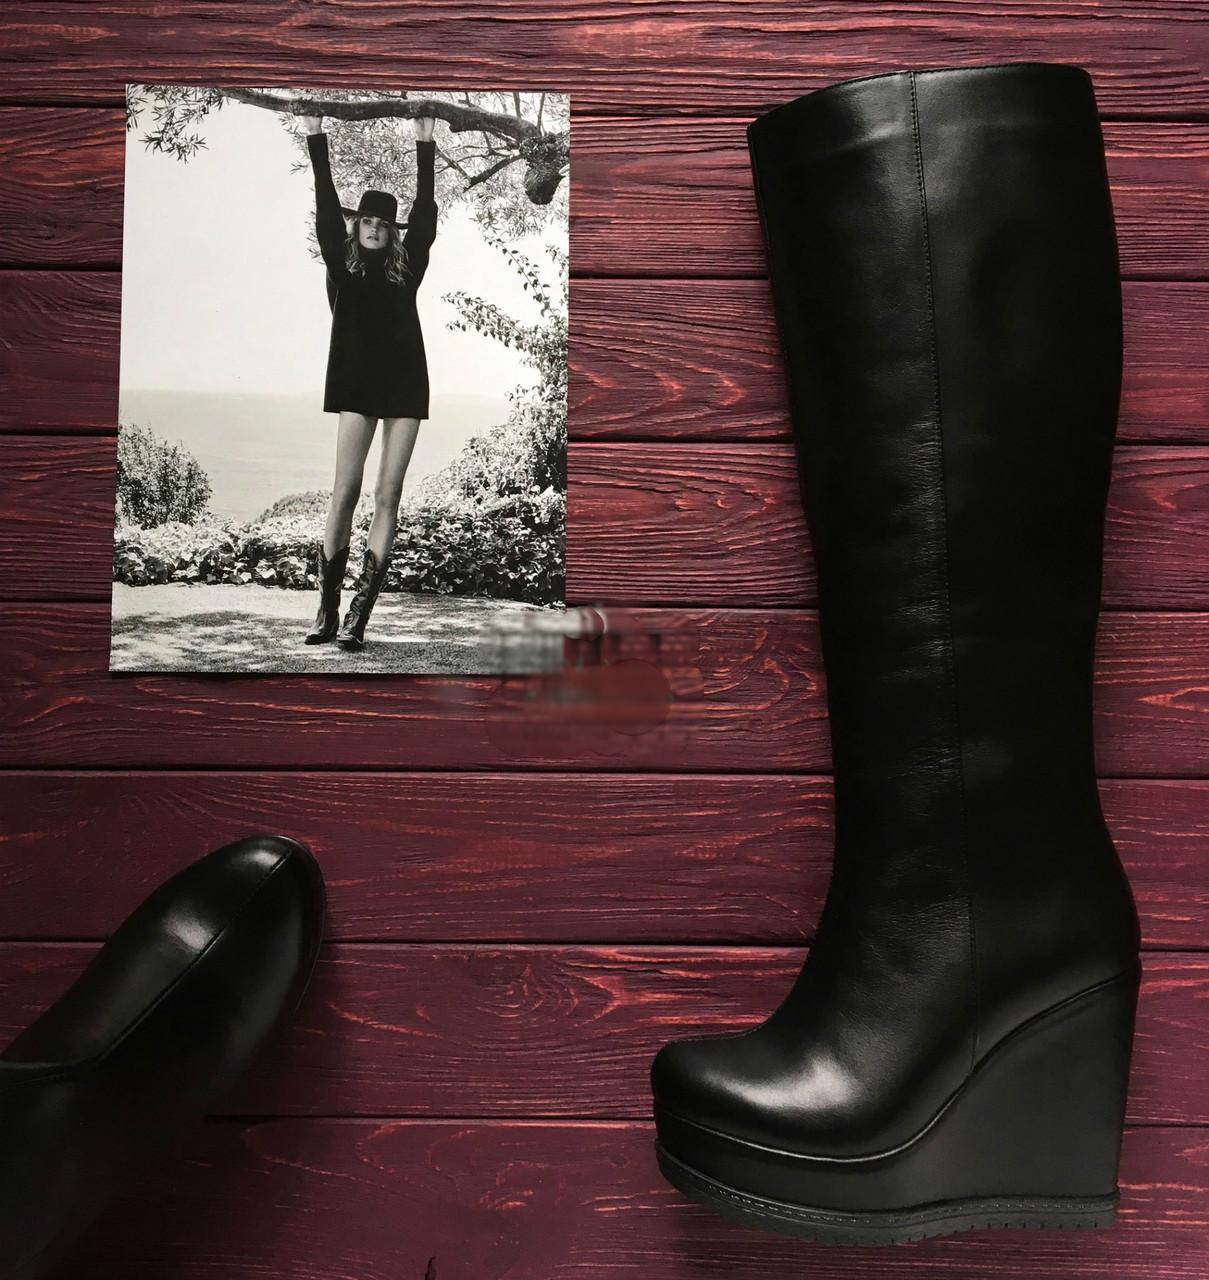 Женская обувь от производителя. Кожаные сапоги на танкетке. Модель отшивается в зимнем и демисезонном варианте